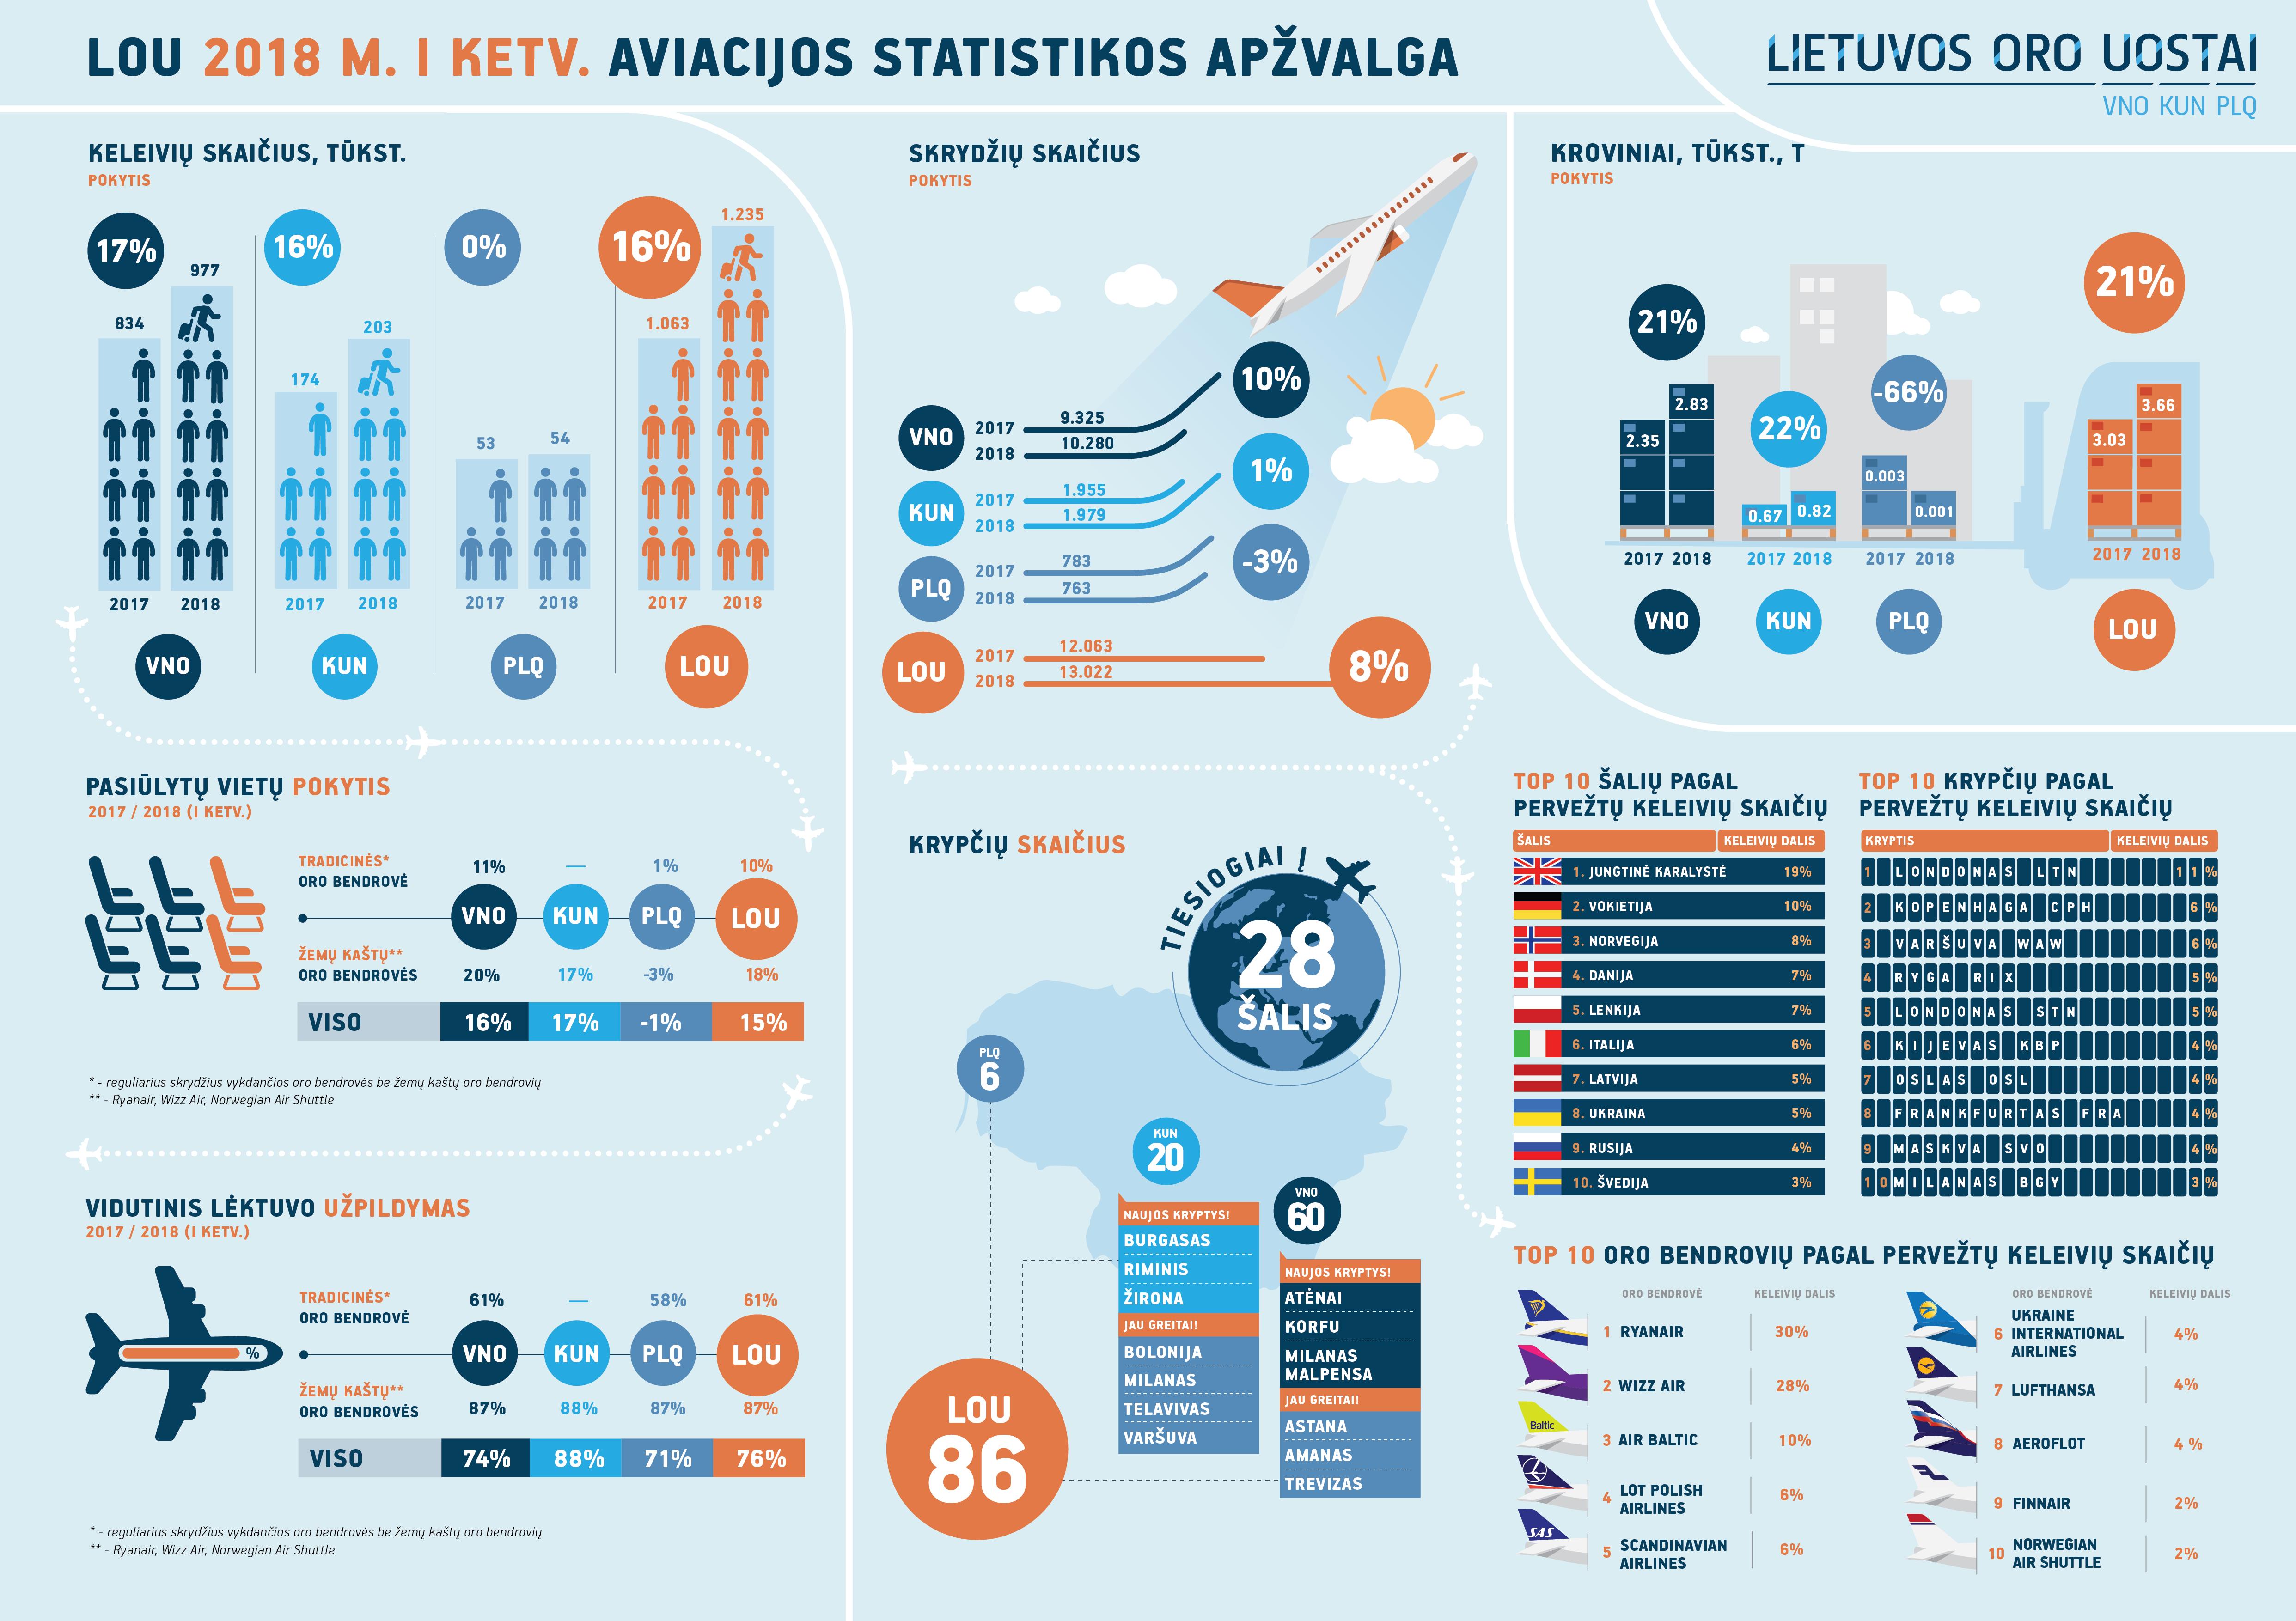 Lietuvos oro uostuose pirmąjį ketvirtį – keleivių ir skrydžių augimas